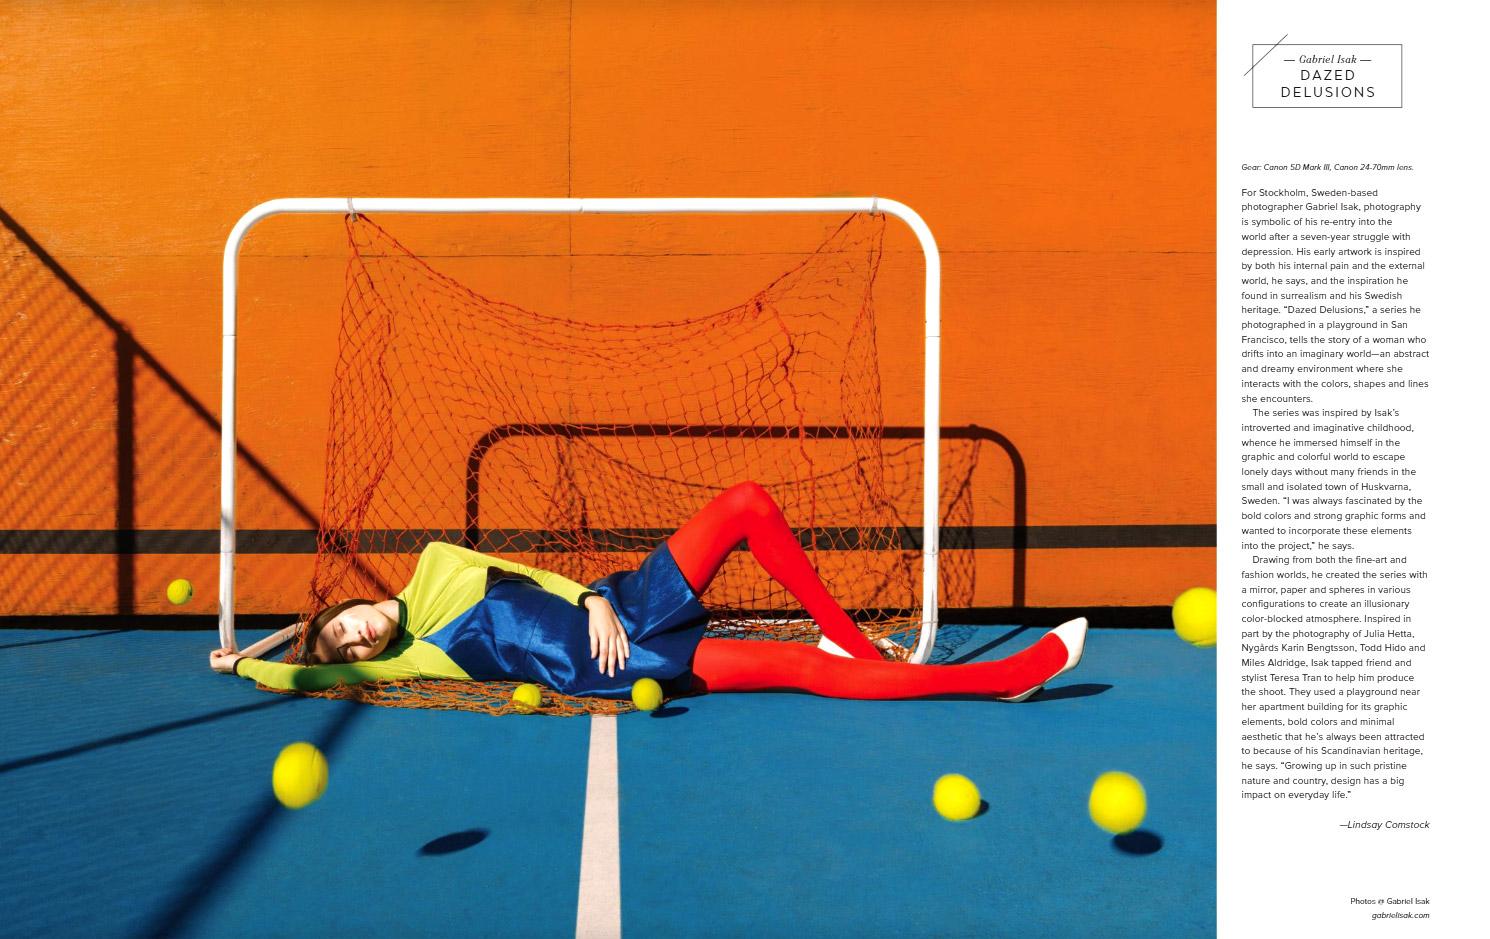 Изумительное наваждение, © Габриэль Исак / Gabriel Isak, Фотоконкурс «Новый фотограф» / Emerging Photographer